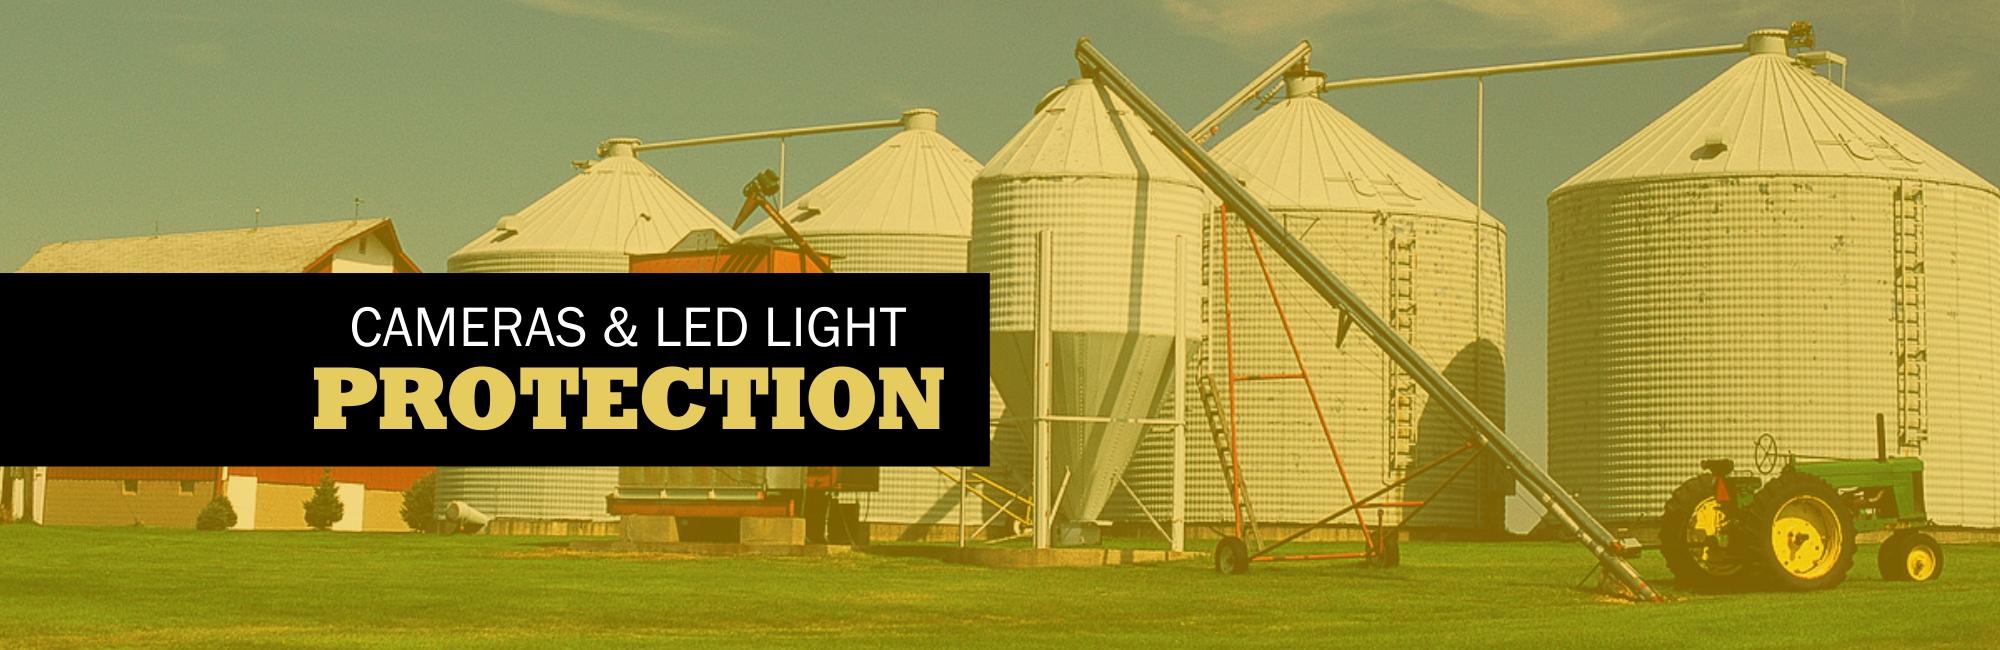 Farm Yard Cameras